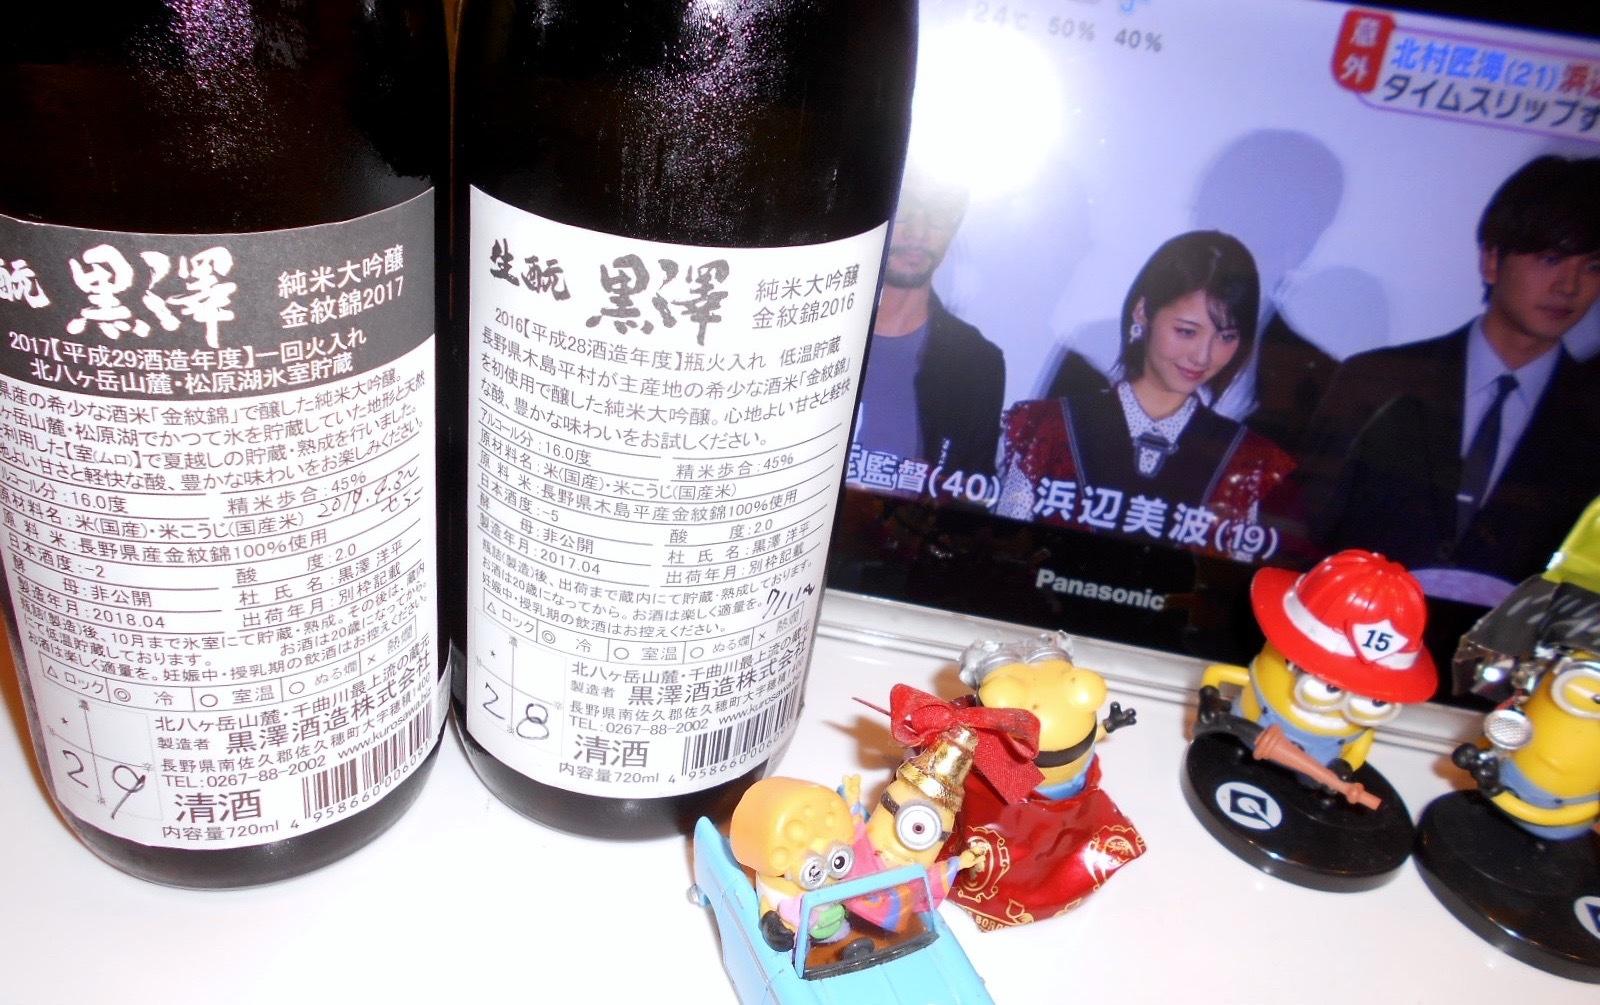 kurosawa_kinmon29by2_2.jpg